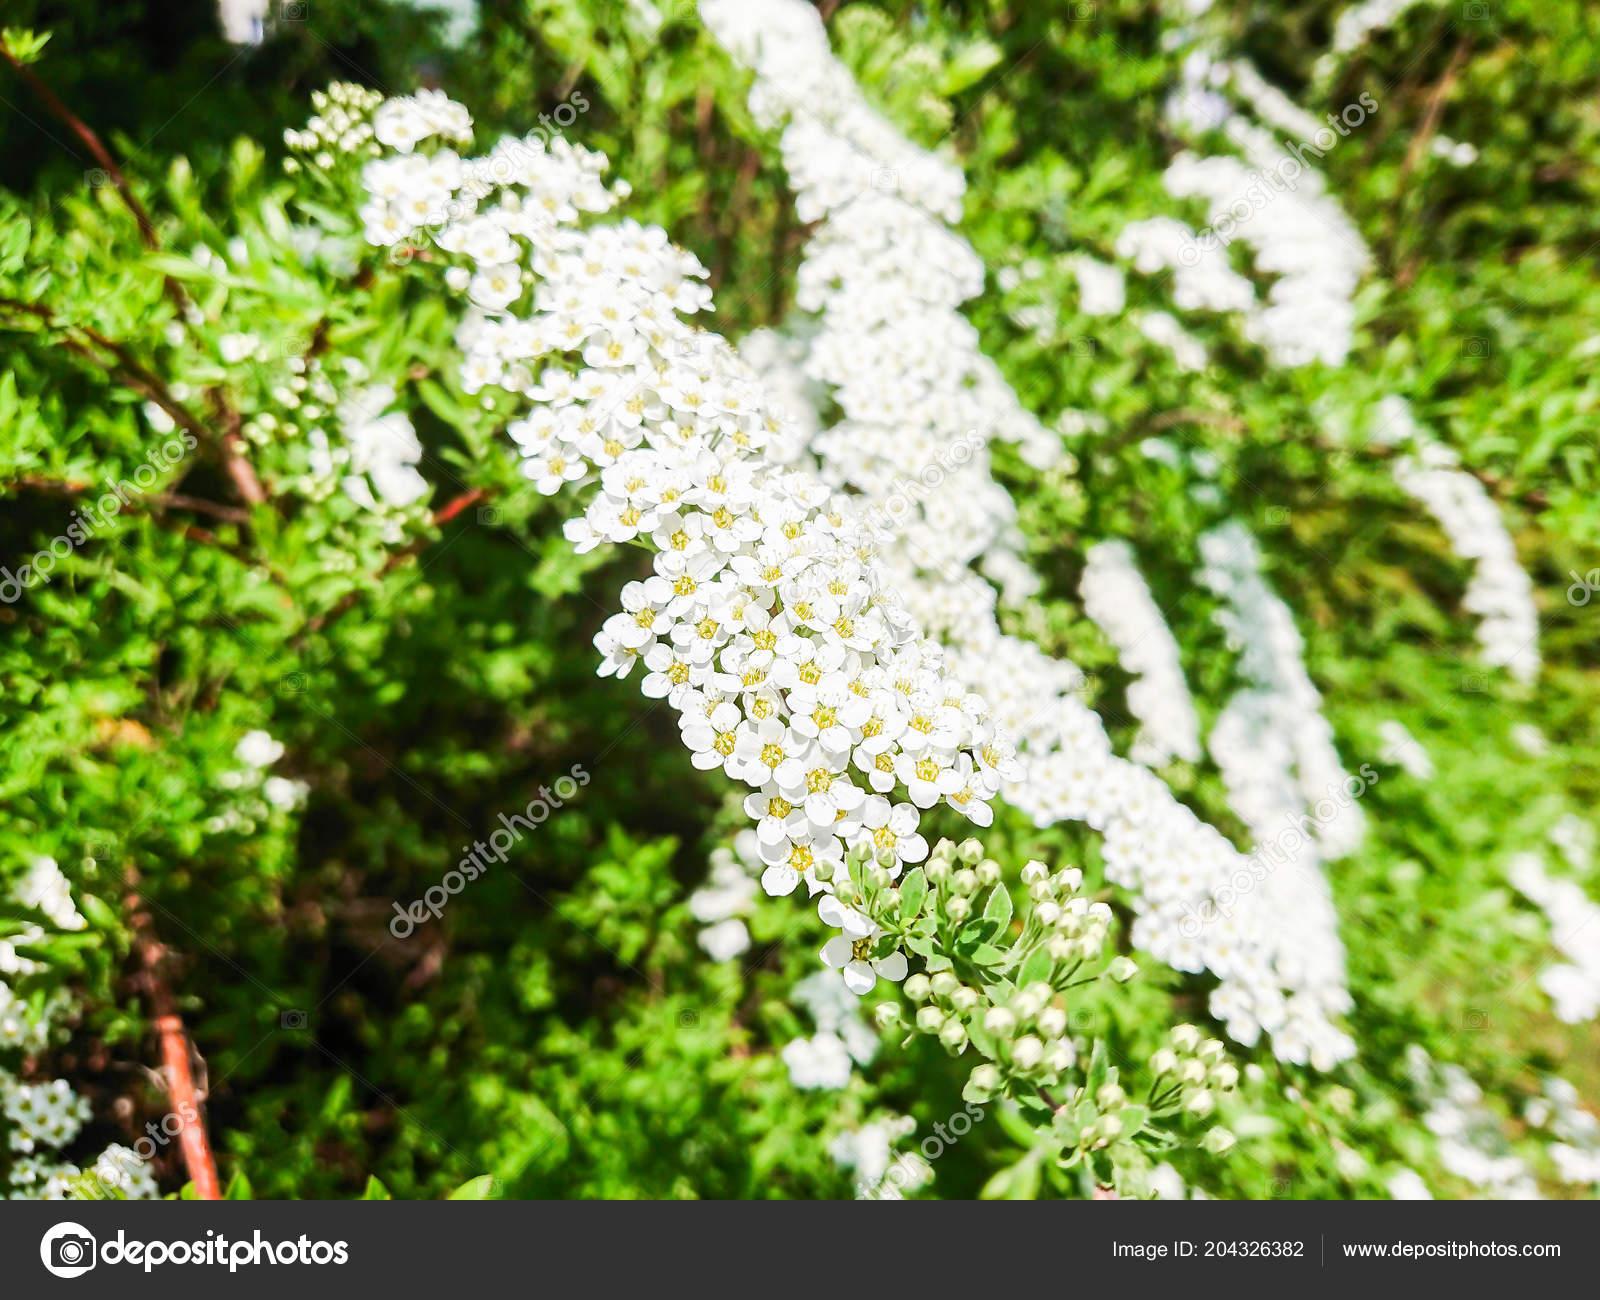 Fiori piccoli bianchi foglie verdi sul cespuglio foto for Fiori verdi